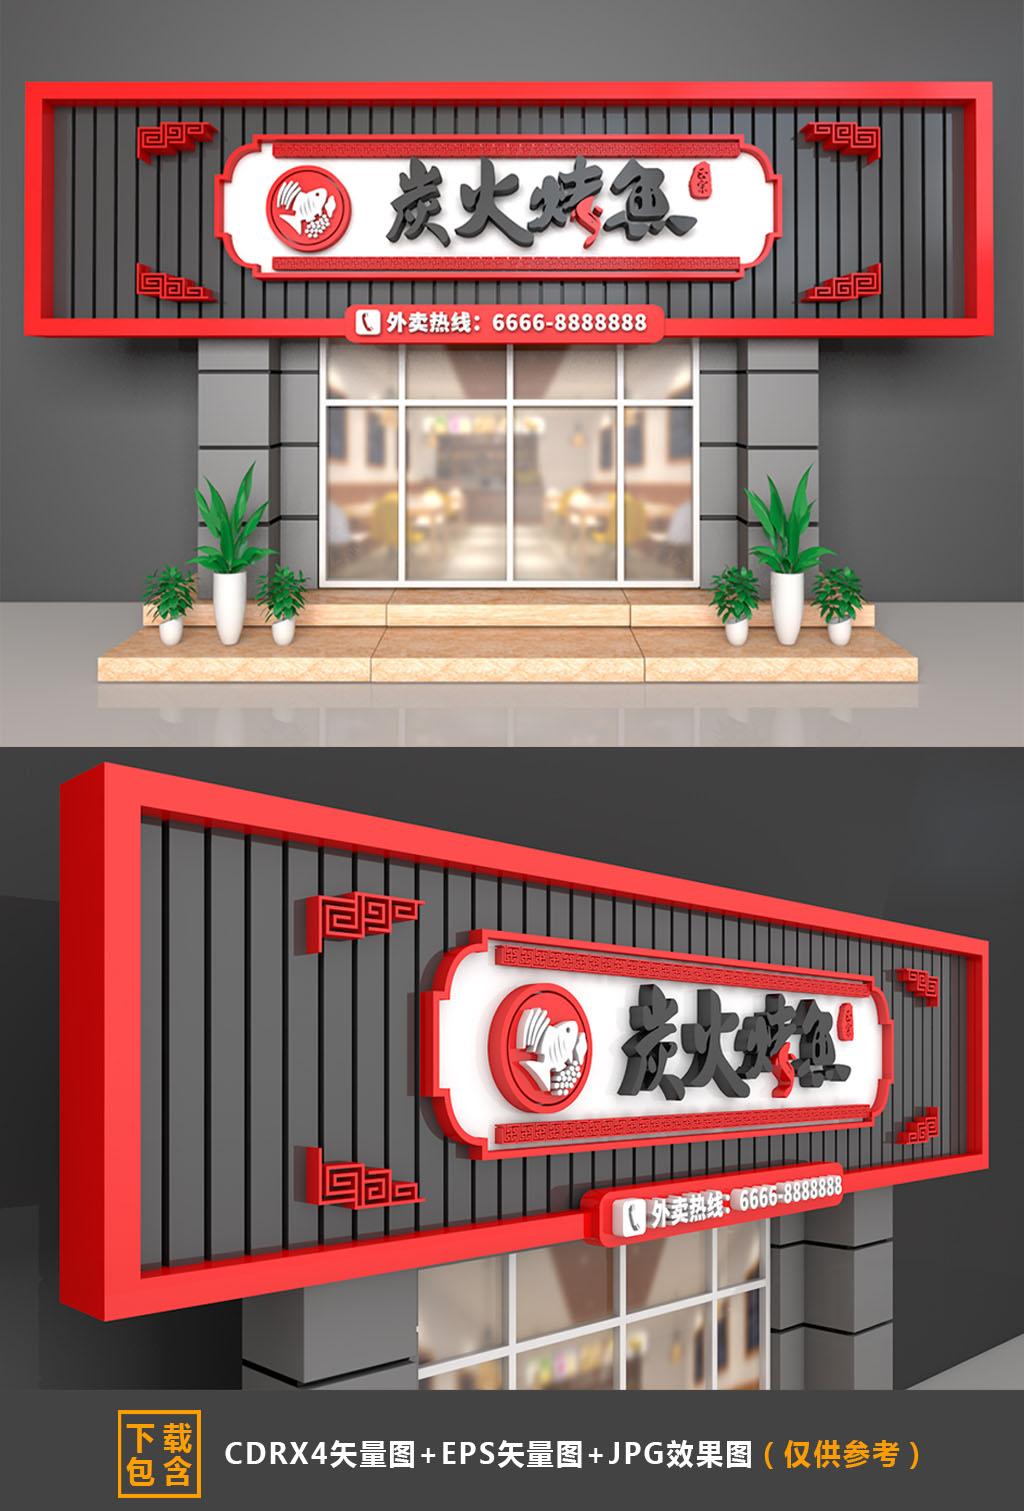 大型3D立体炭火烤鱼烤鱼店门头招牌设计源文件插图